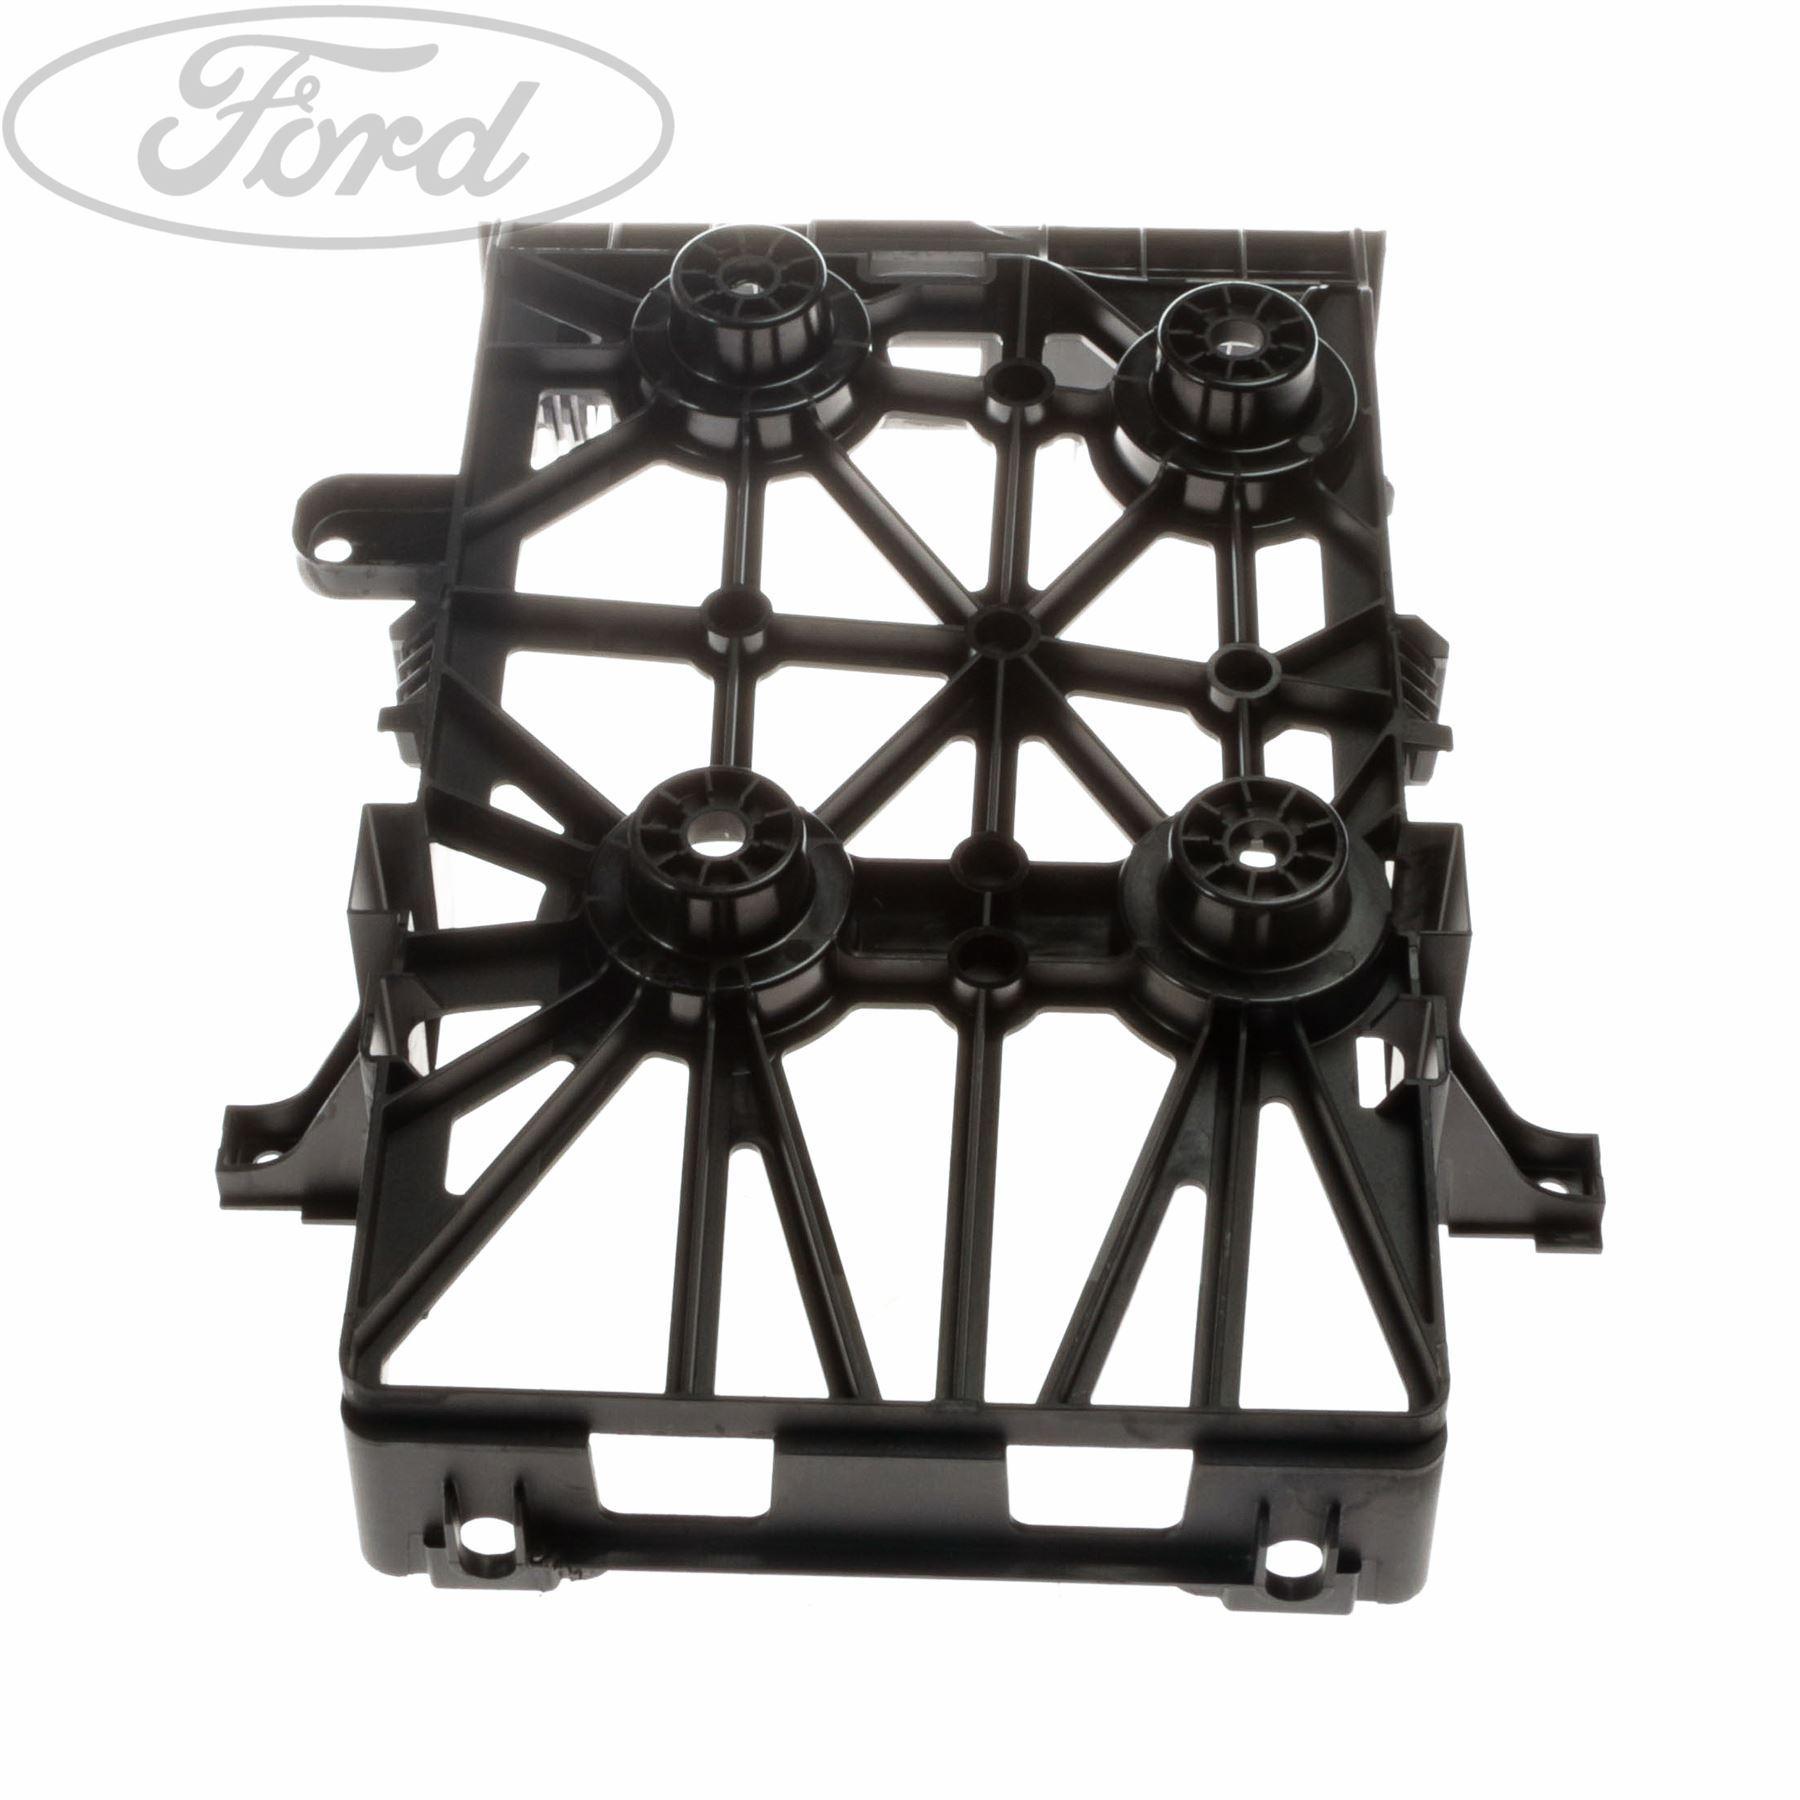 Genuine Ford Transit Mk 7 Fuse Box Bracket 1434704 Ebay Mounts